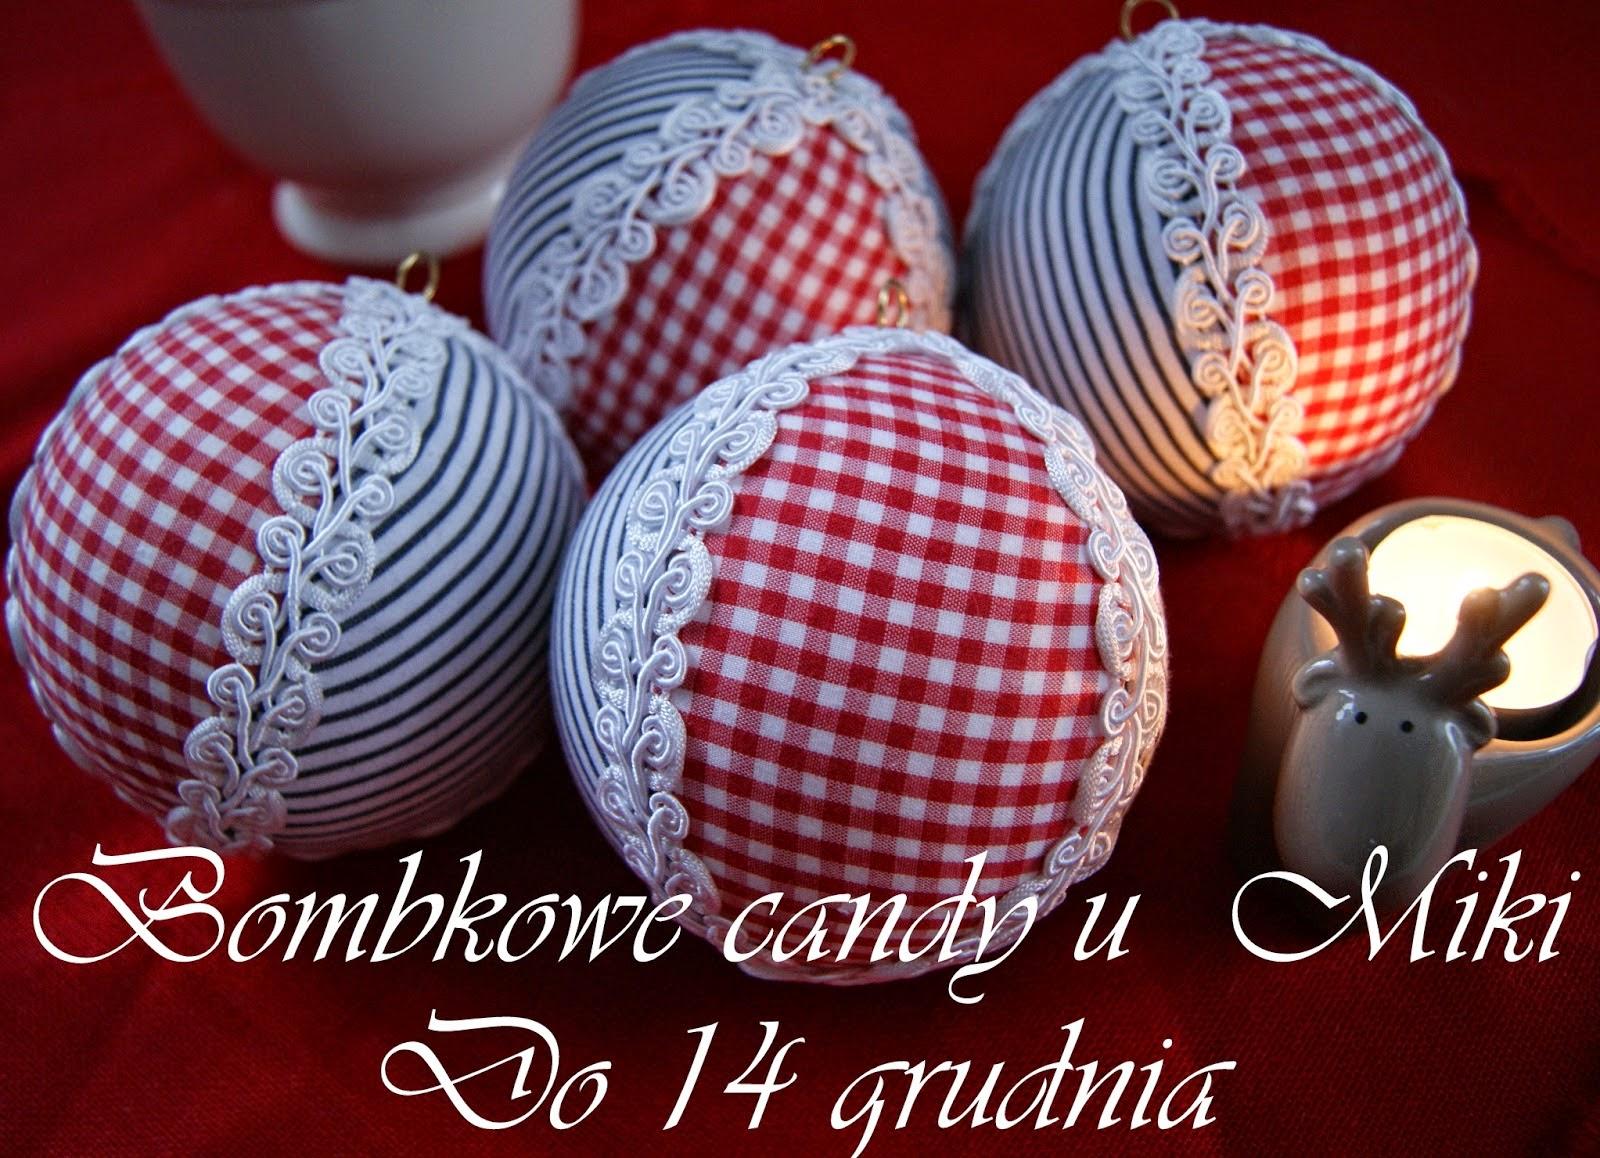 Bombkowe candy u Miki